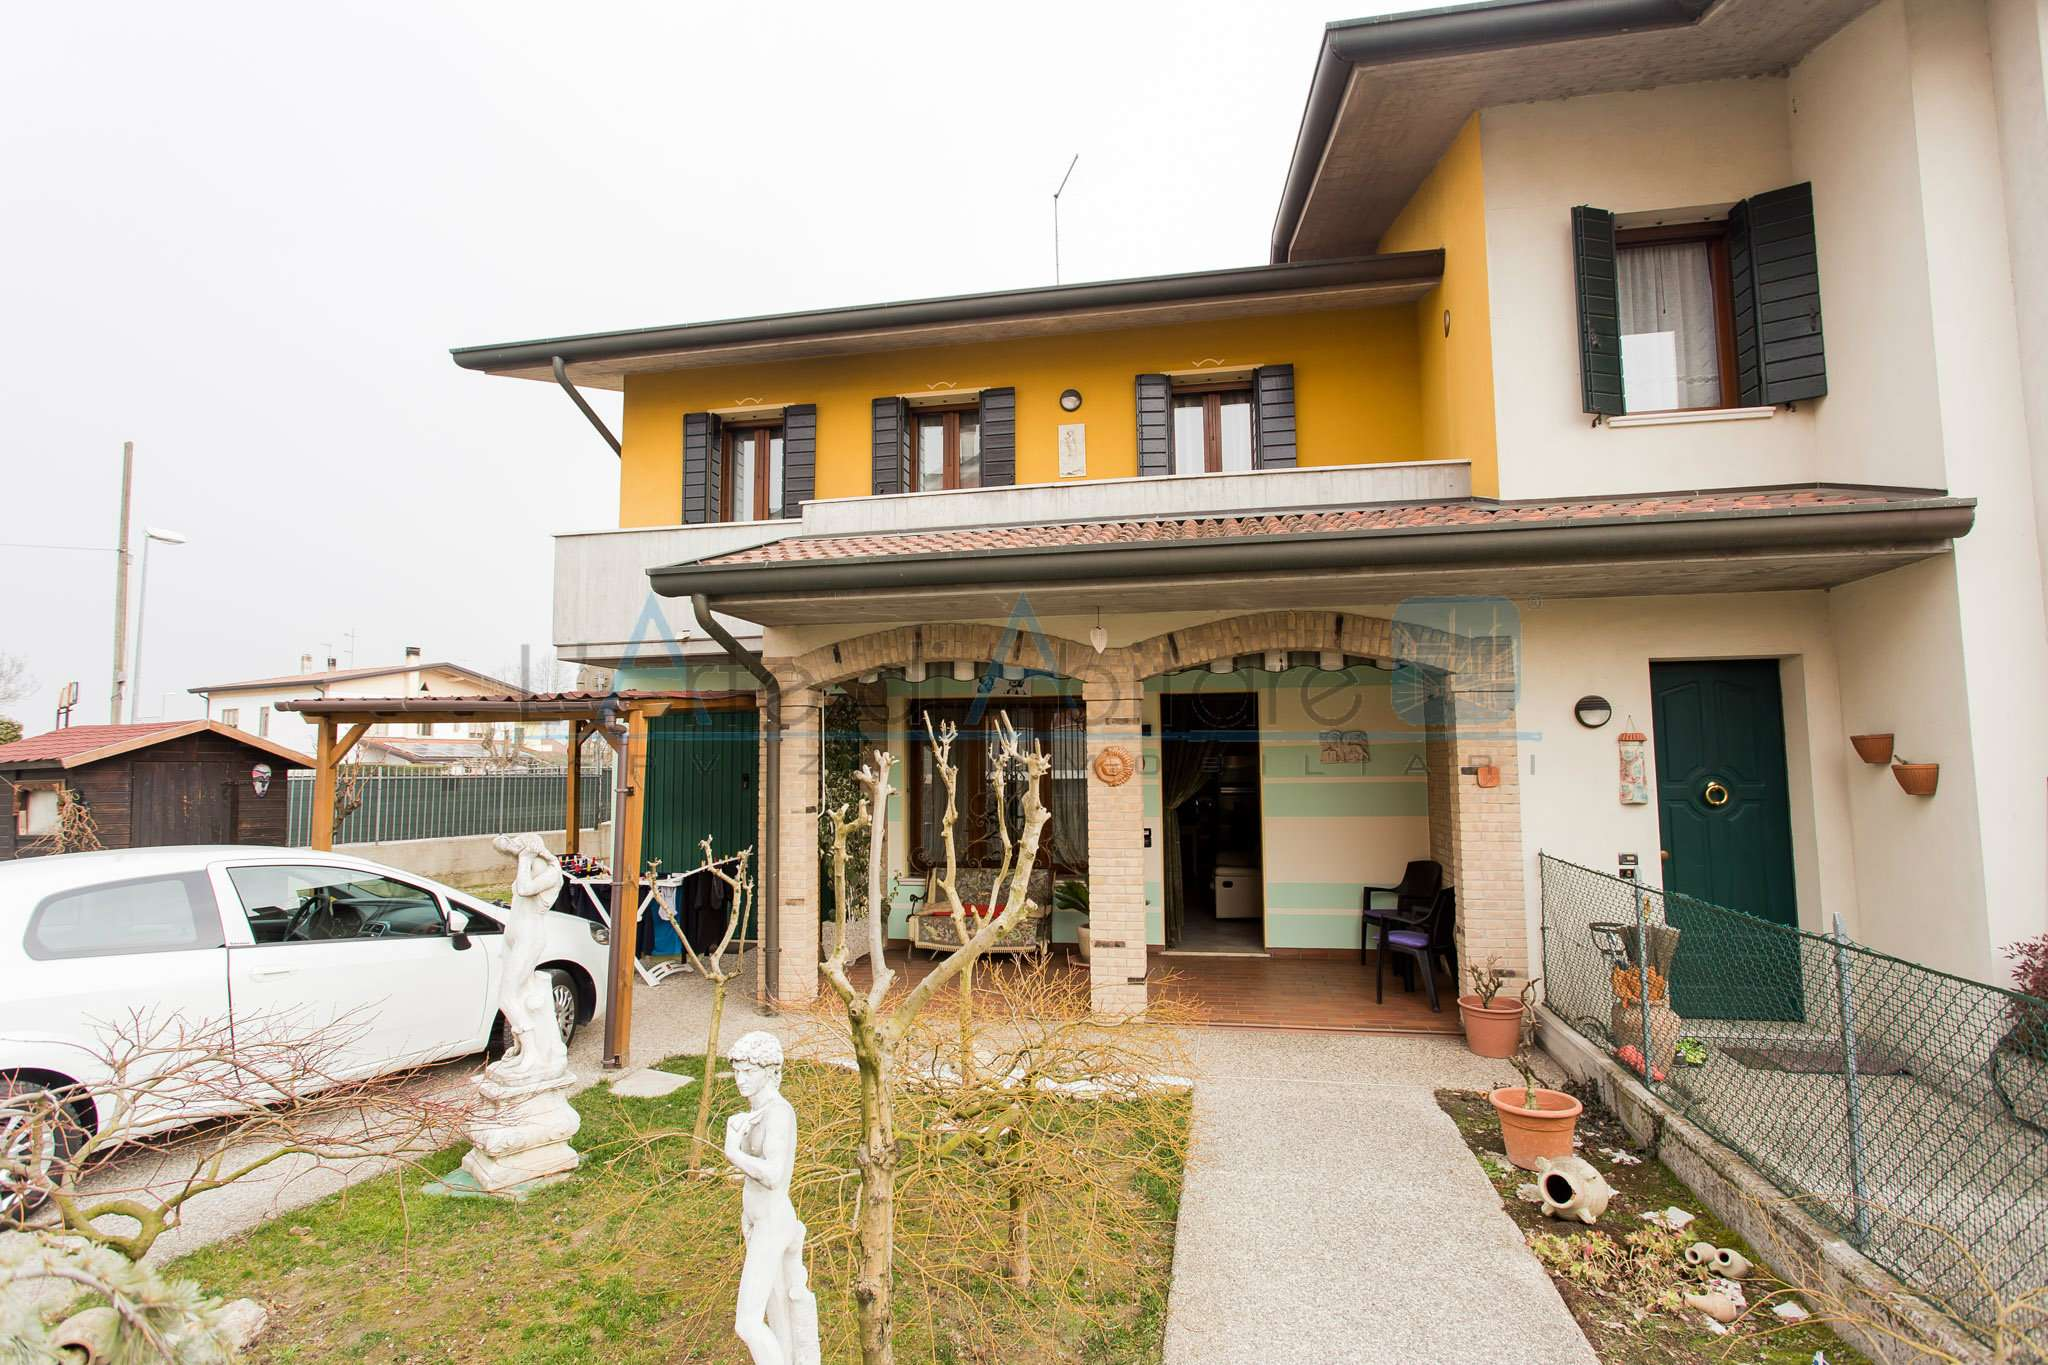 Soluzione Indipendente in vendita a Piove di Sacco, 5 locali, prezzo € 160.000 | Cambio Casa.it